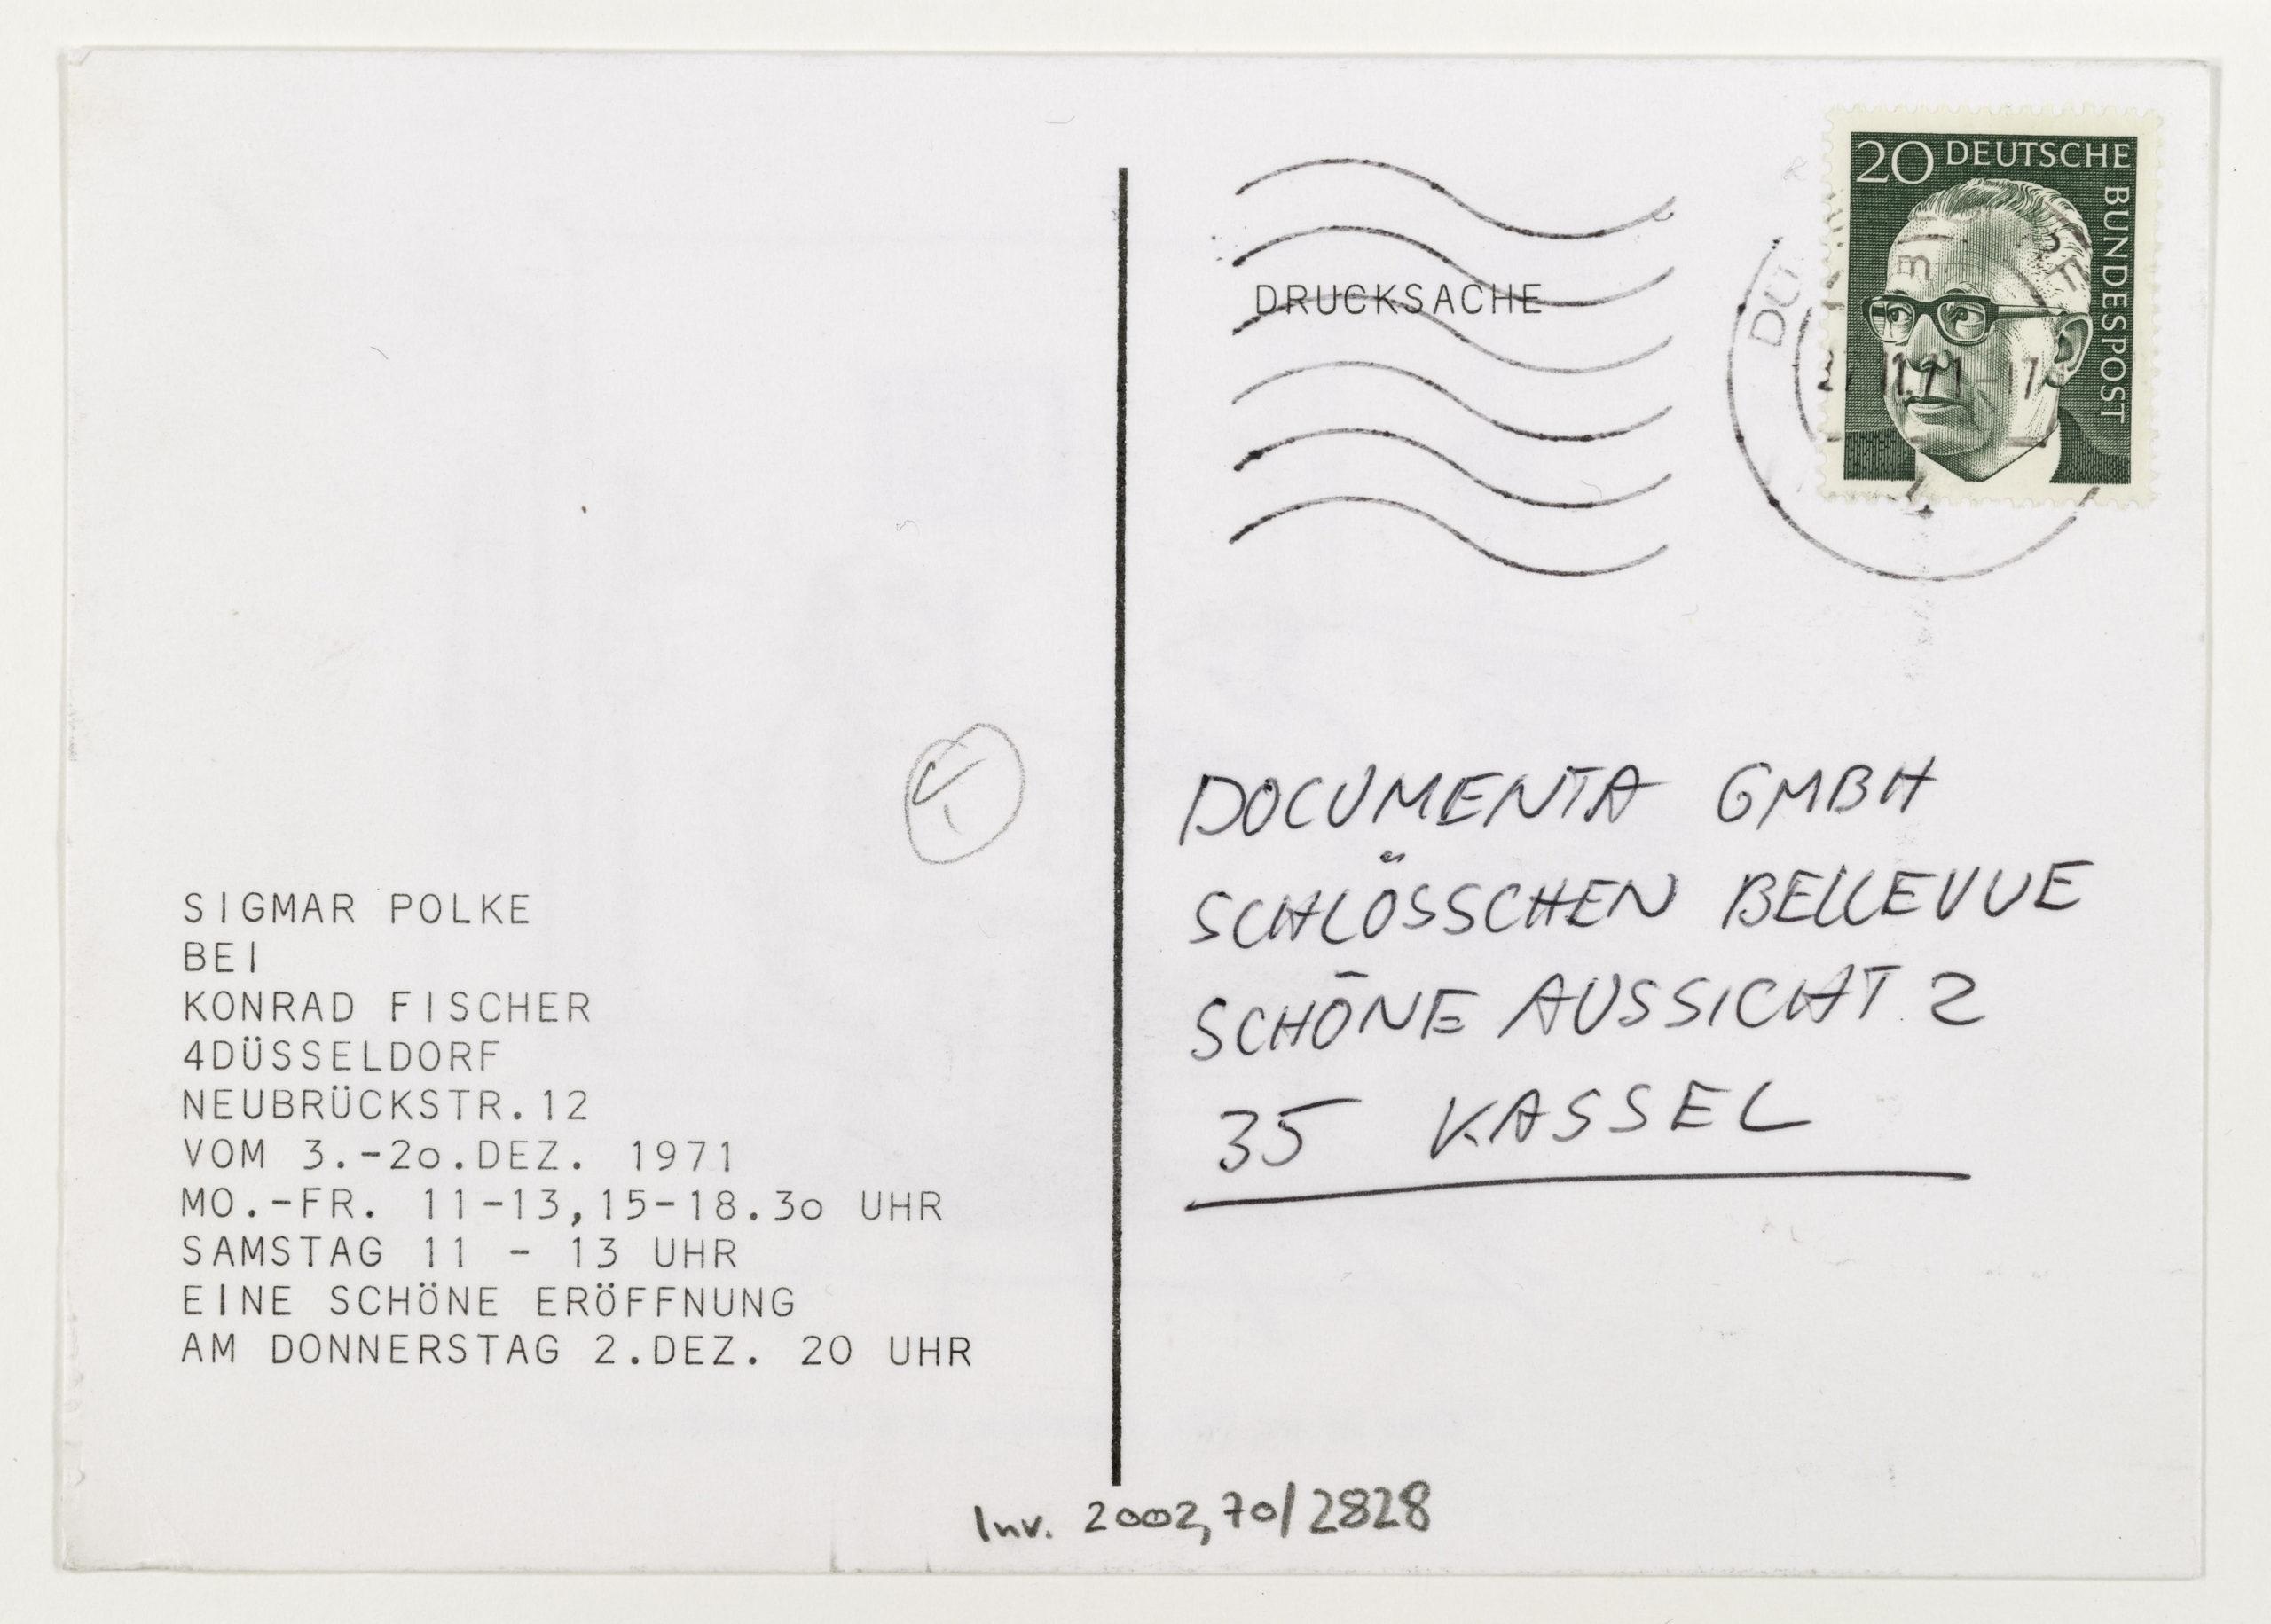 Sigmar Polke, Konrad Fischer Galerie, Düsseldorf, December 1971 (Invitation); ; Sammlung Marzona, Kunstbibliothek – Staatliche Museen zu Berlin; VG Bild-Kunst, Bonn